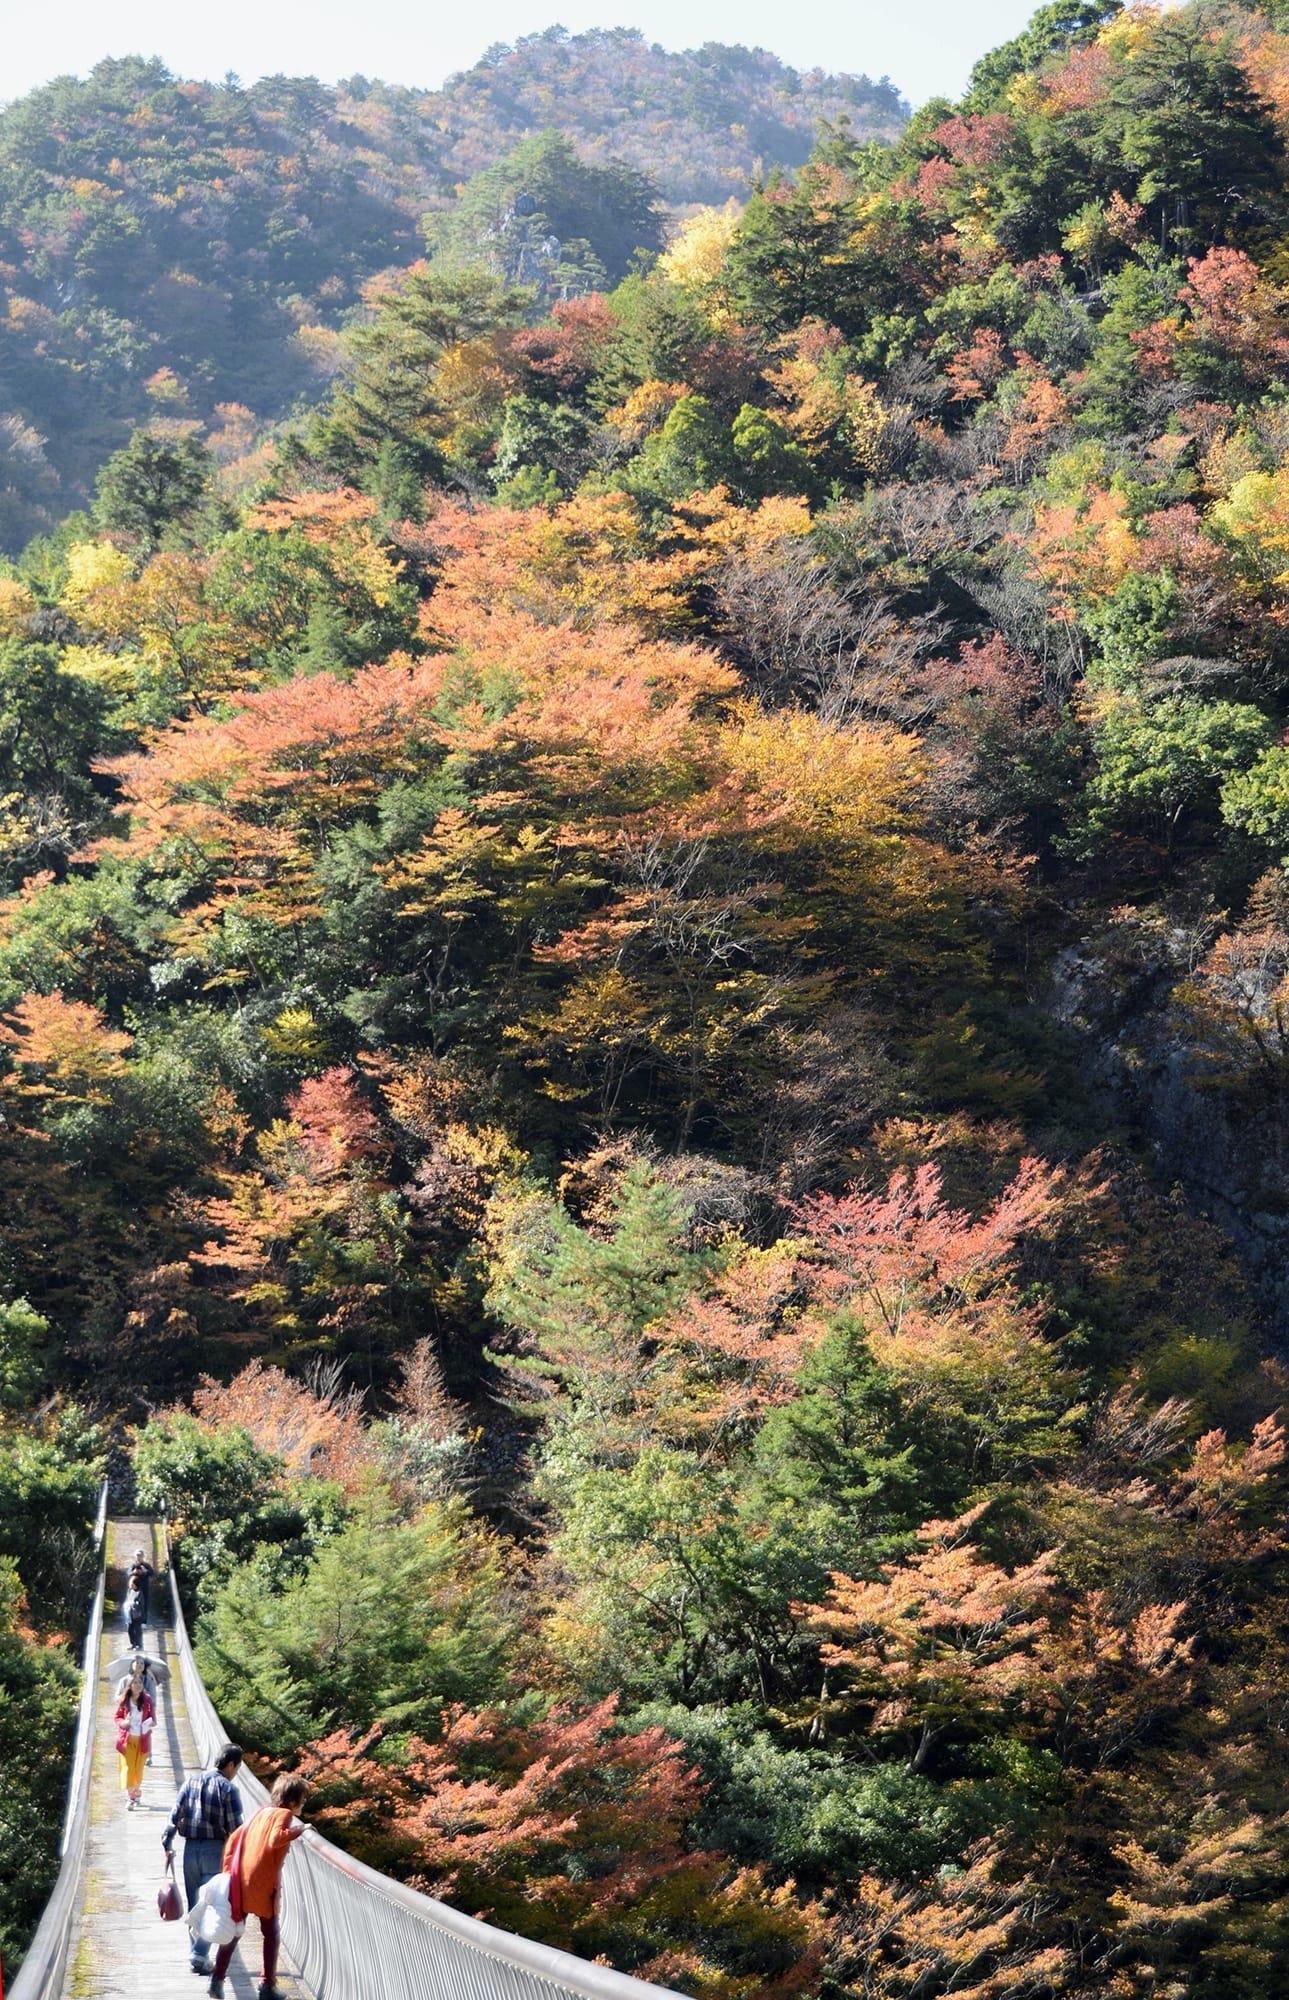 五家荘の梅の木轟のつり橋